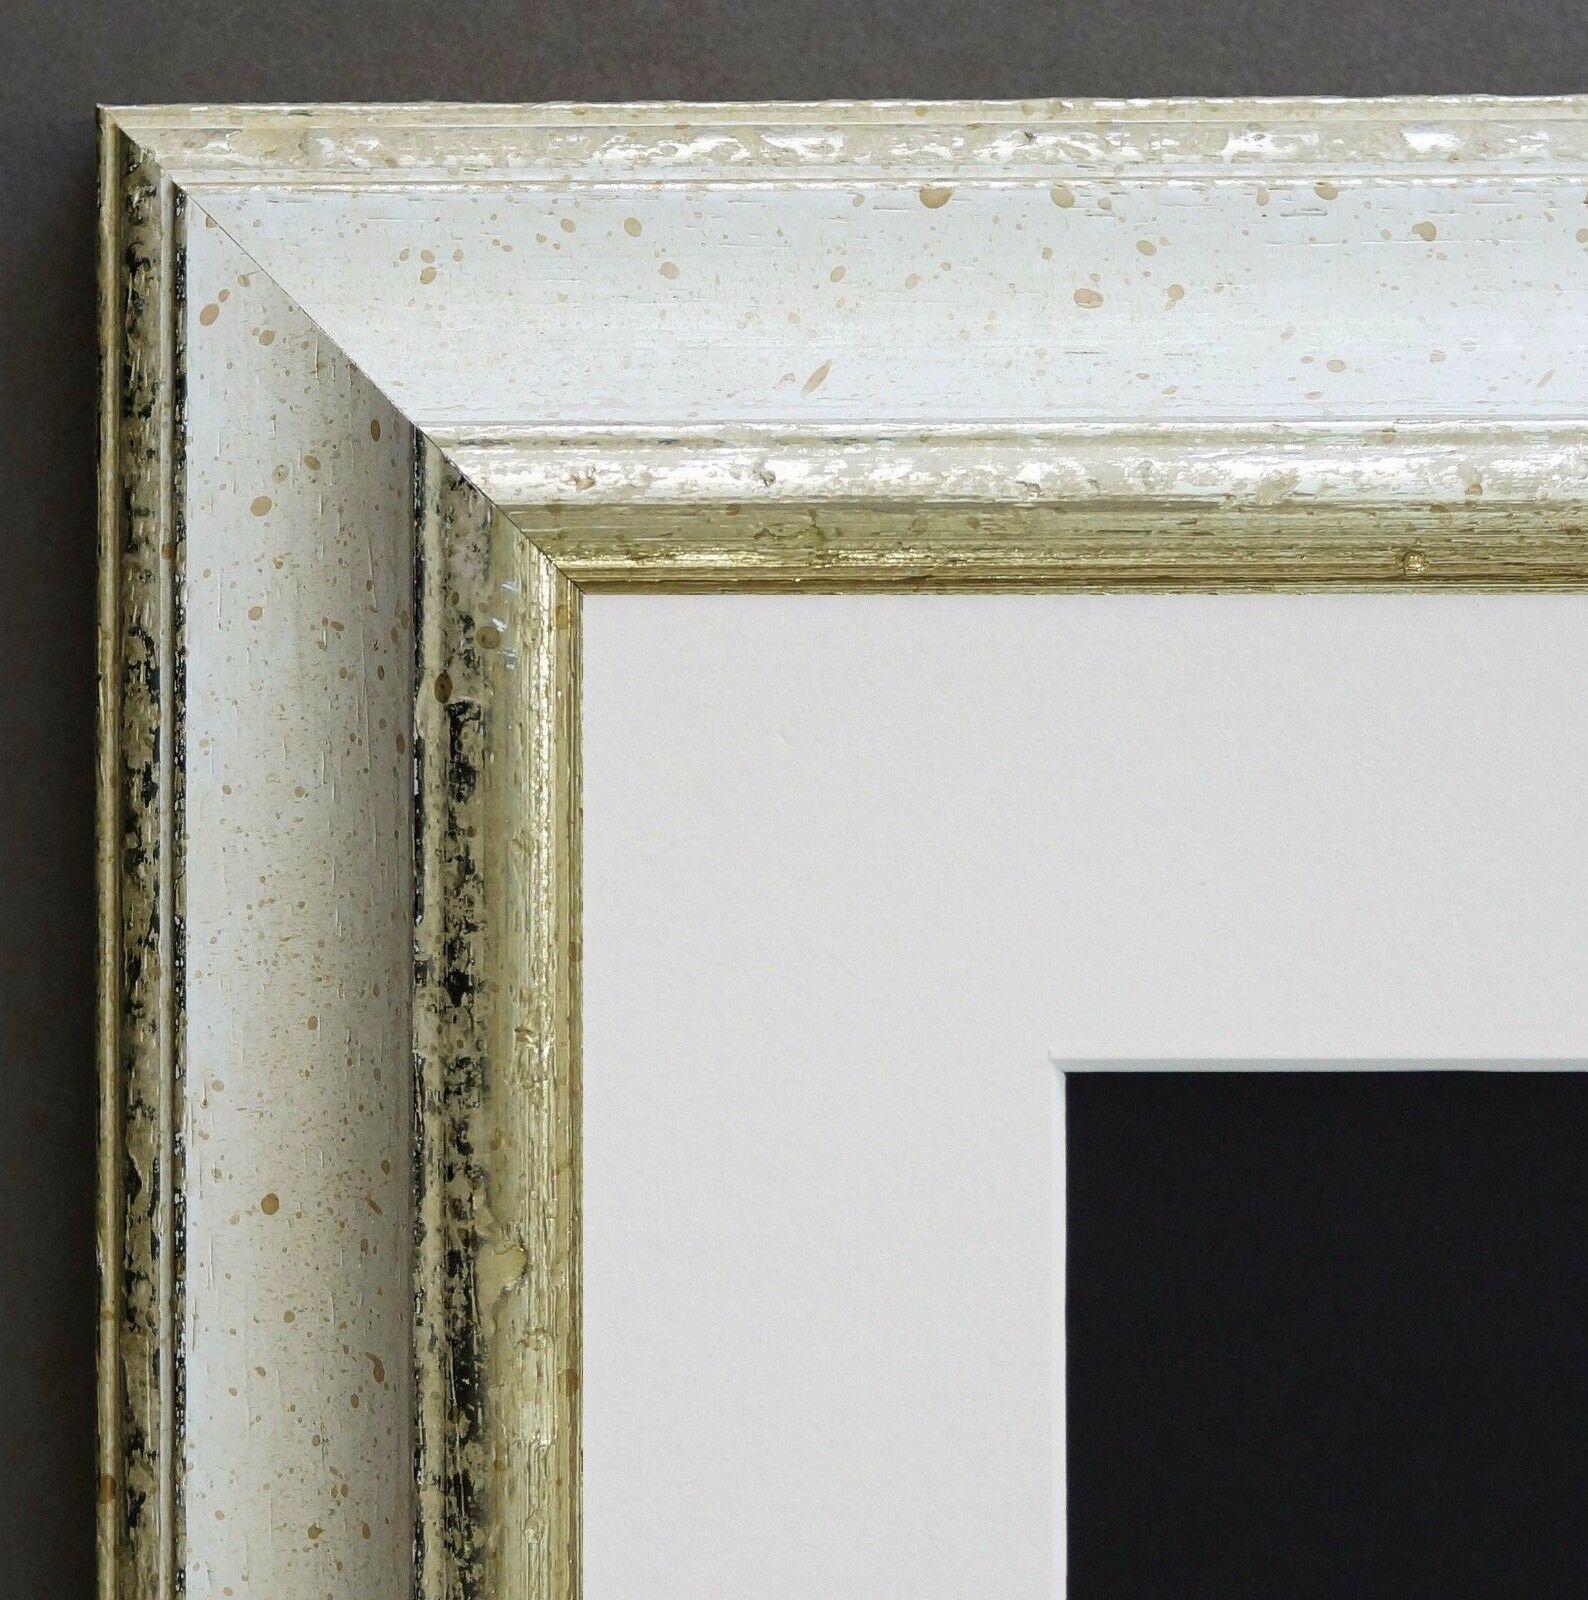 Gemütlich Art Deco Bilderrahmen Zum Verkauf Bilder - Rahmen Ideen ...